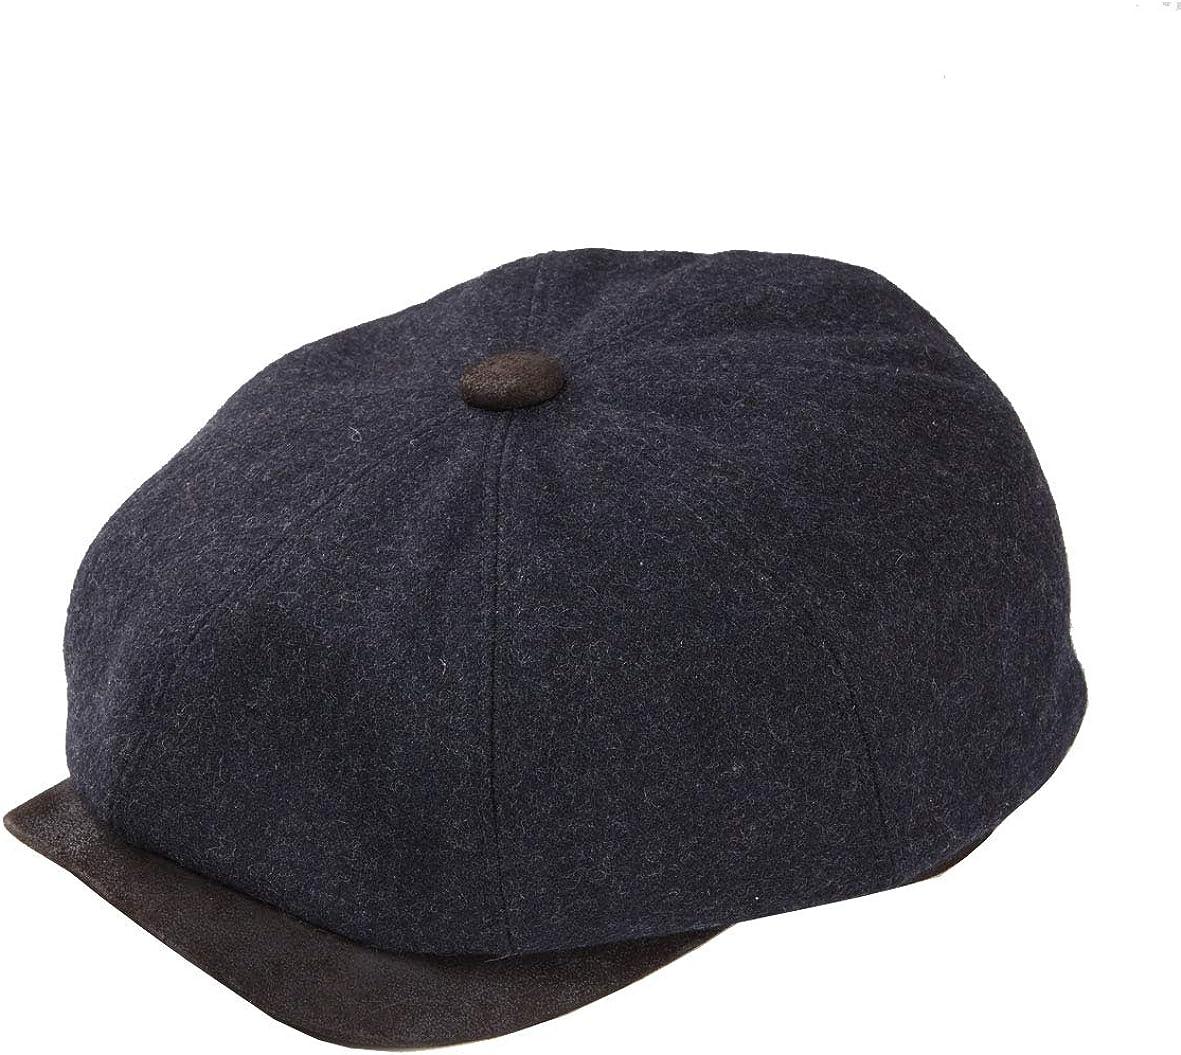 DASMARCA Mens Newspaper Boy Bakerboy Wool Cap